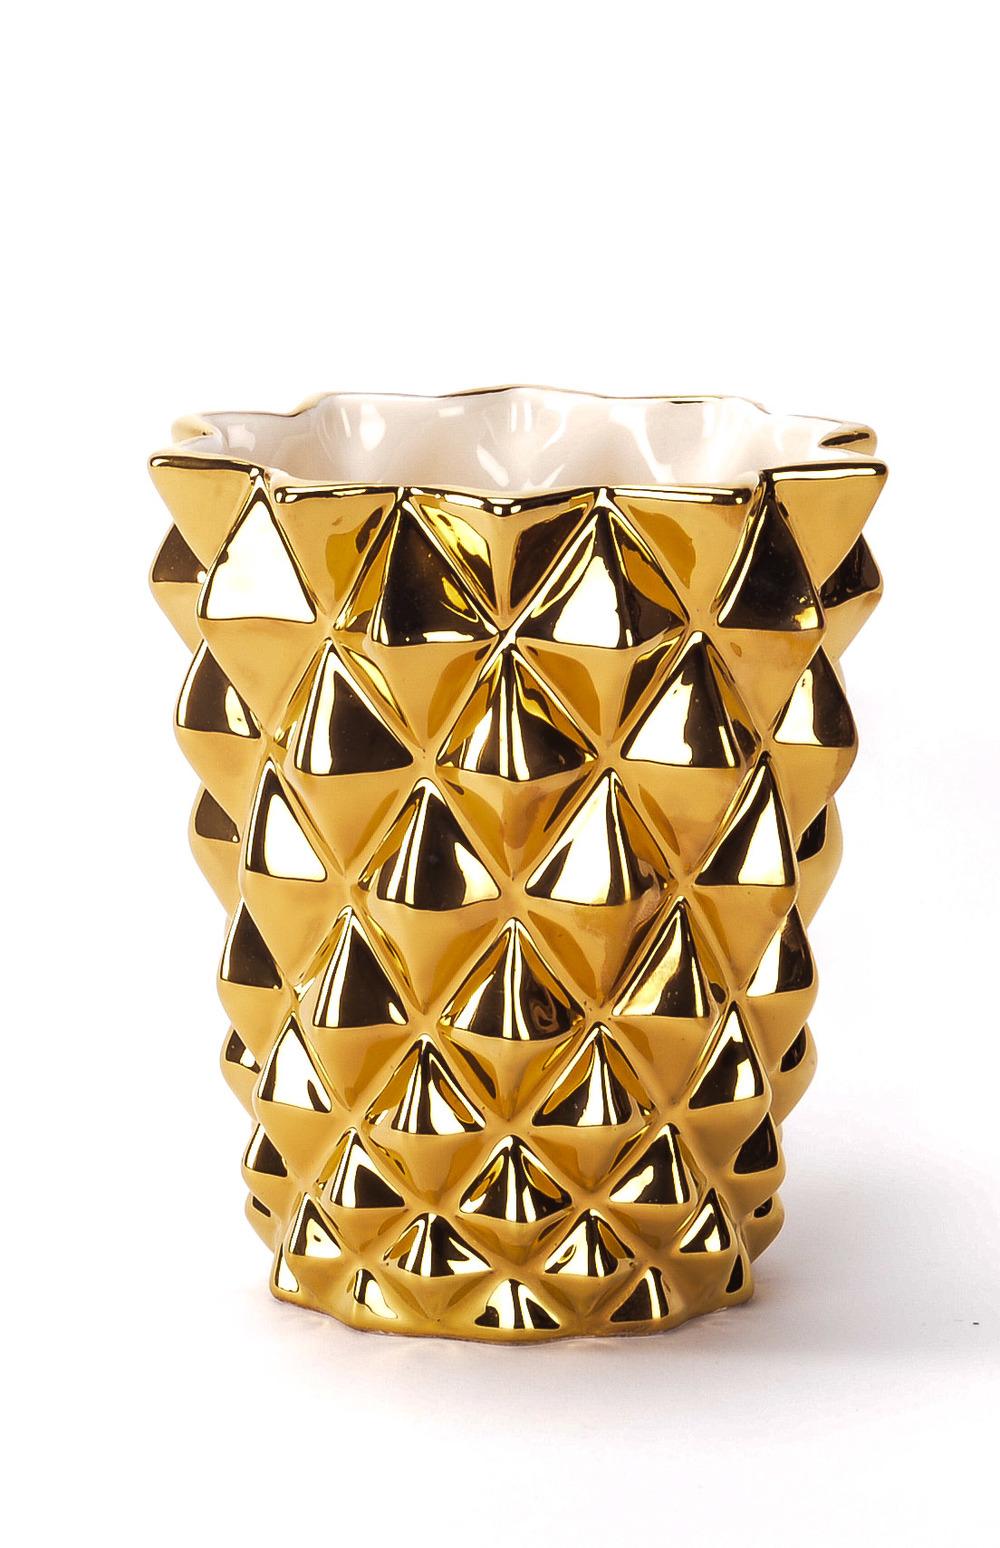 Color_Pyramid_S_Vase_En_Soie_Ceramics-227.jpg